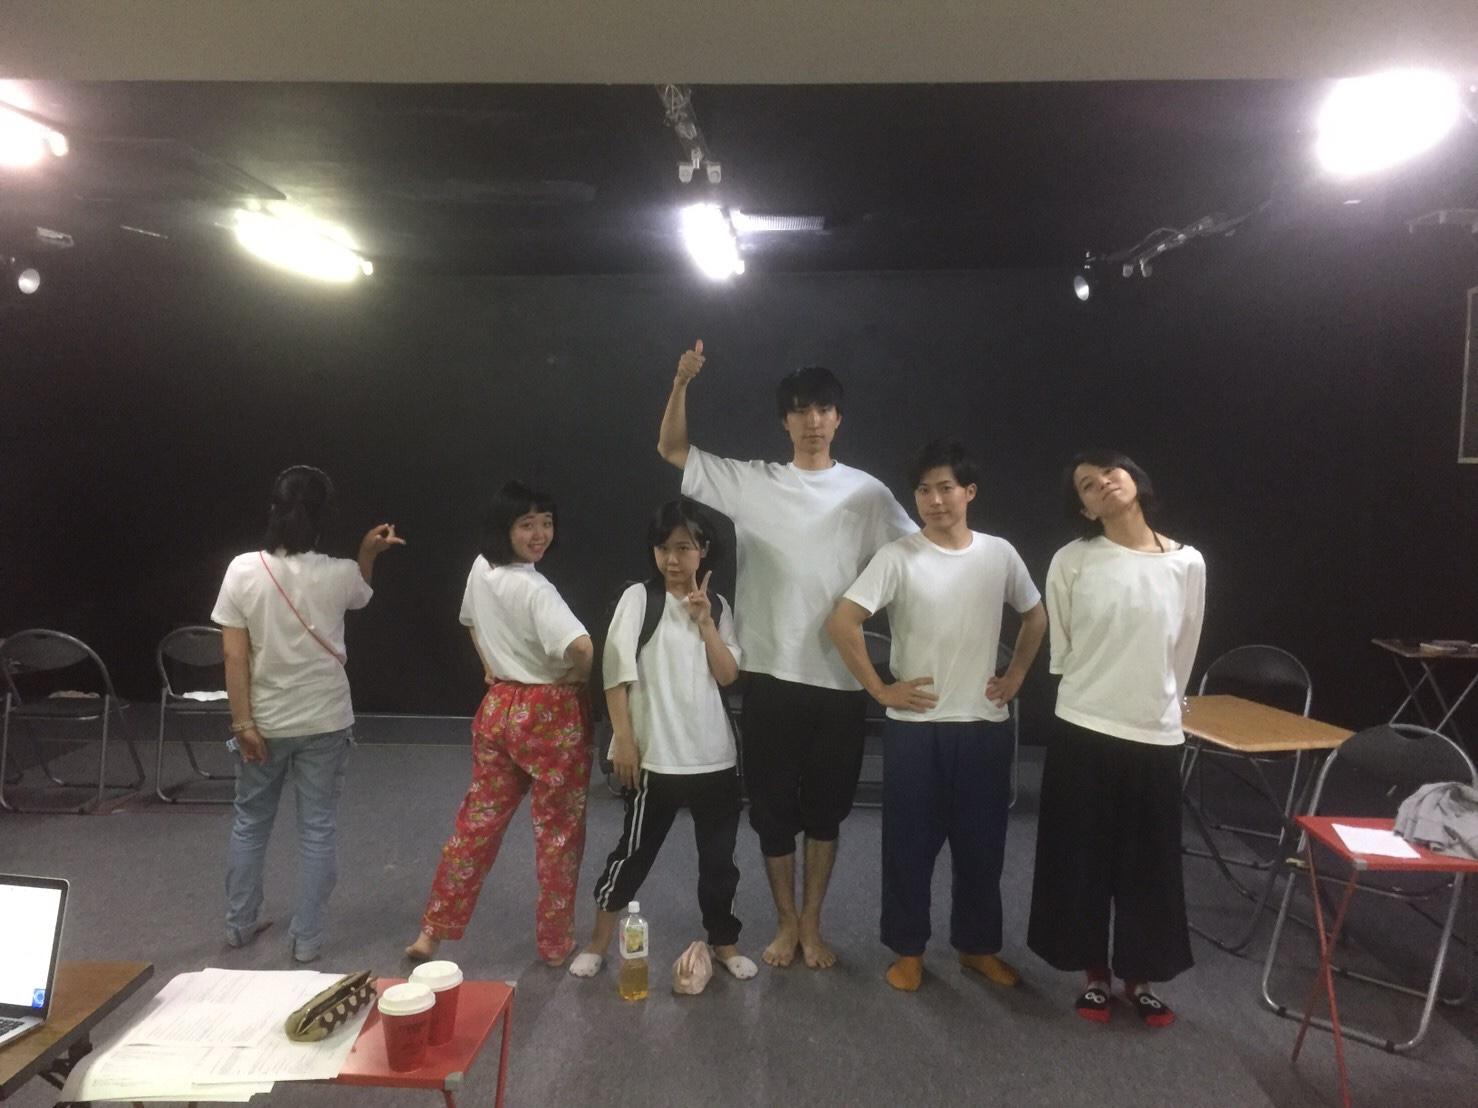 【大森翔吾】白い役者達【暴力先輩稽古場日誌52】